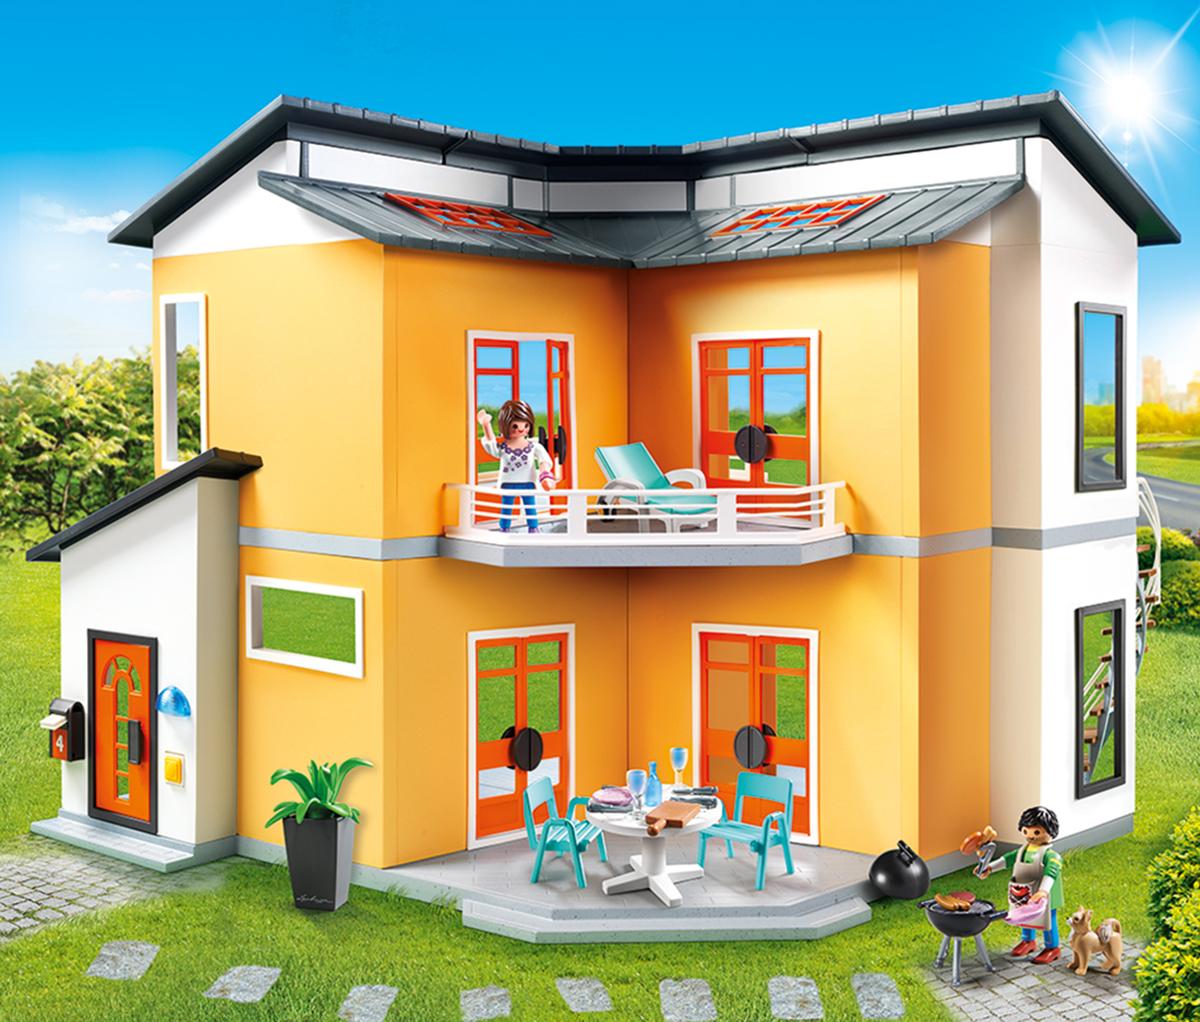 Playmobil Игровой набор Кукольный дом Современный дом playmobil игровой набор кукольный дом детская комната для 2 детей